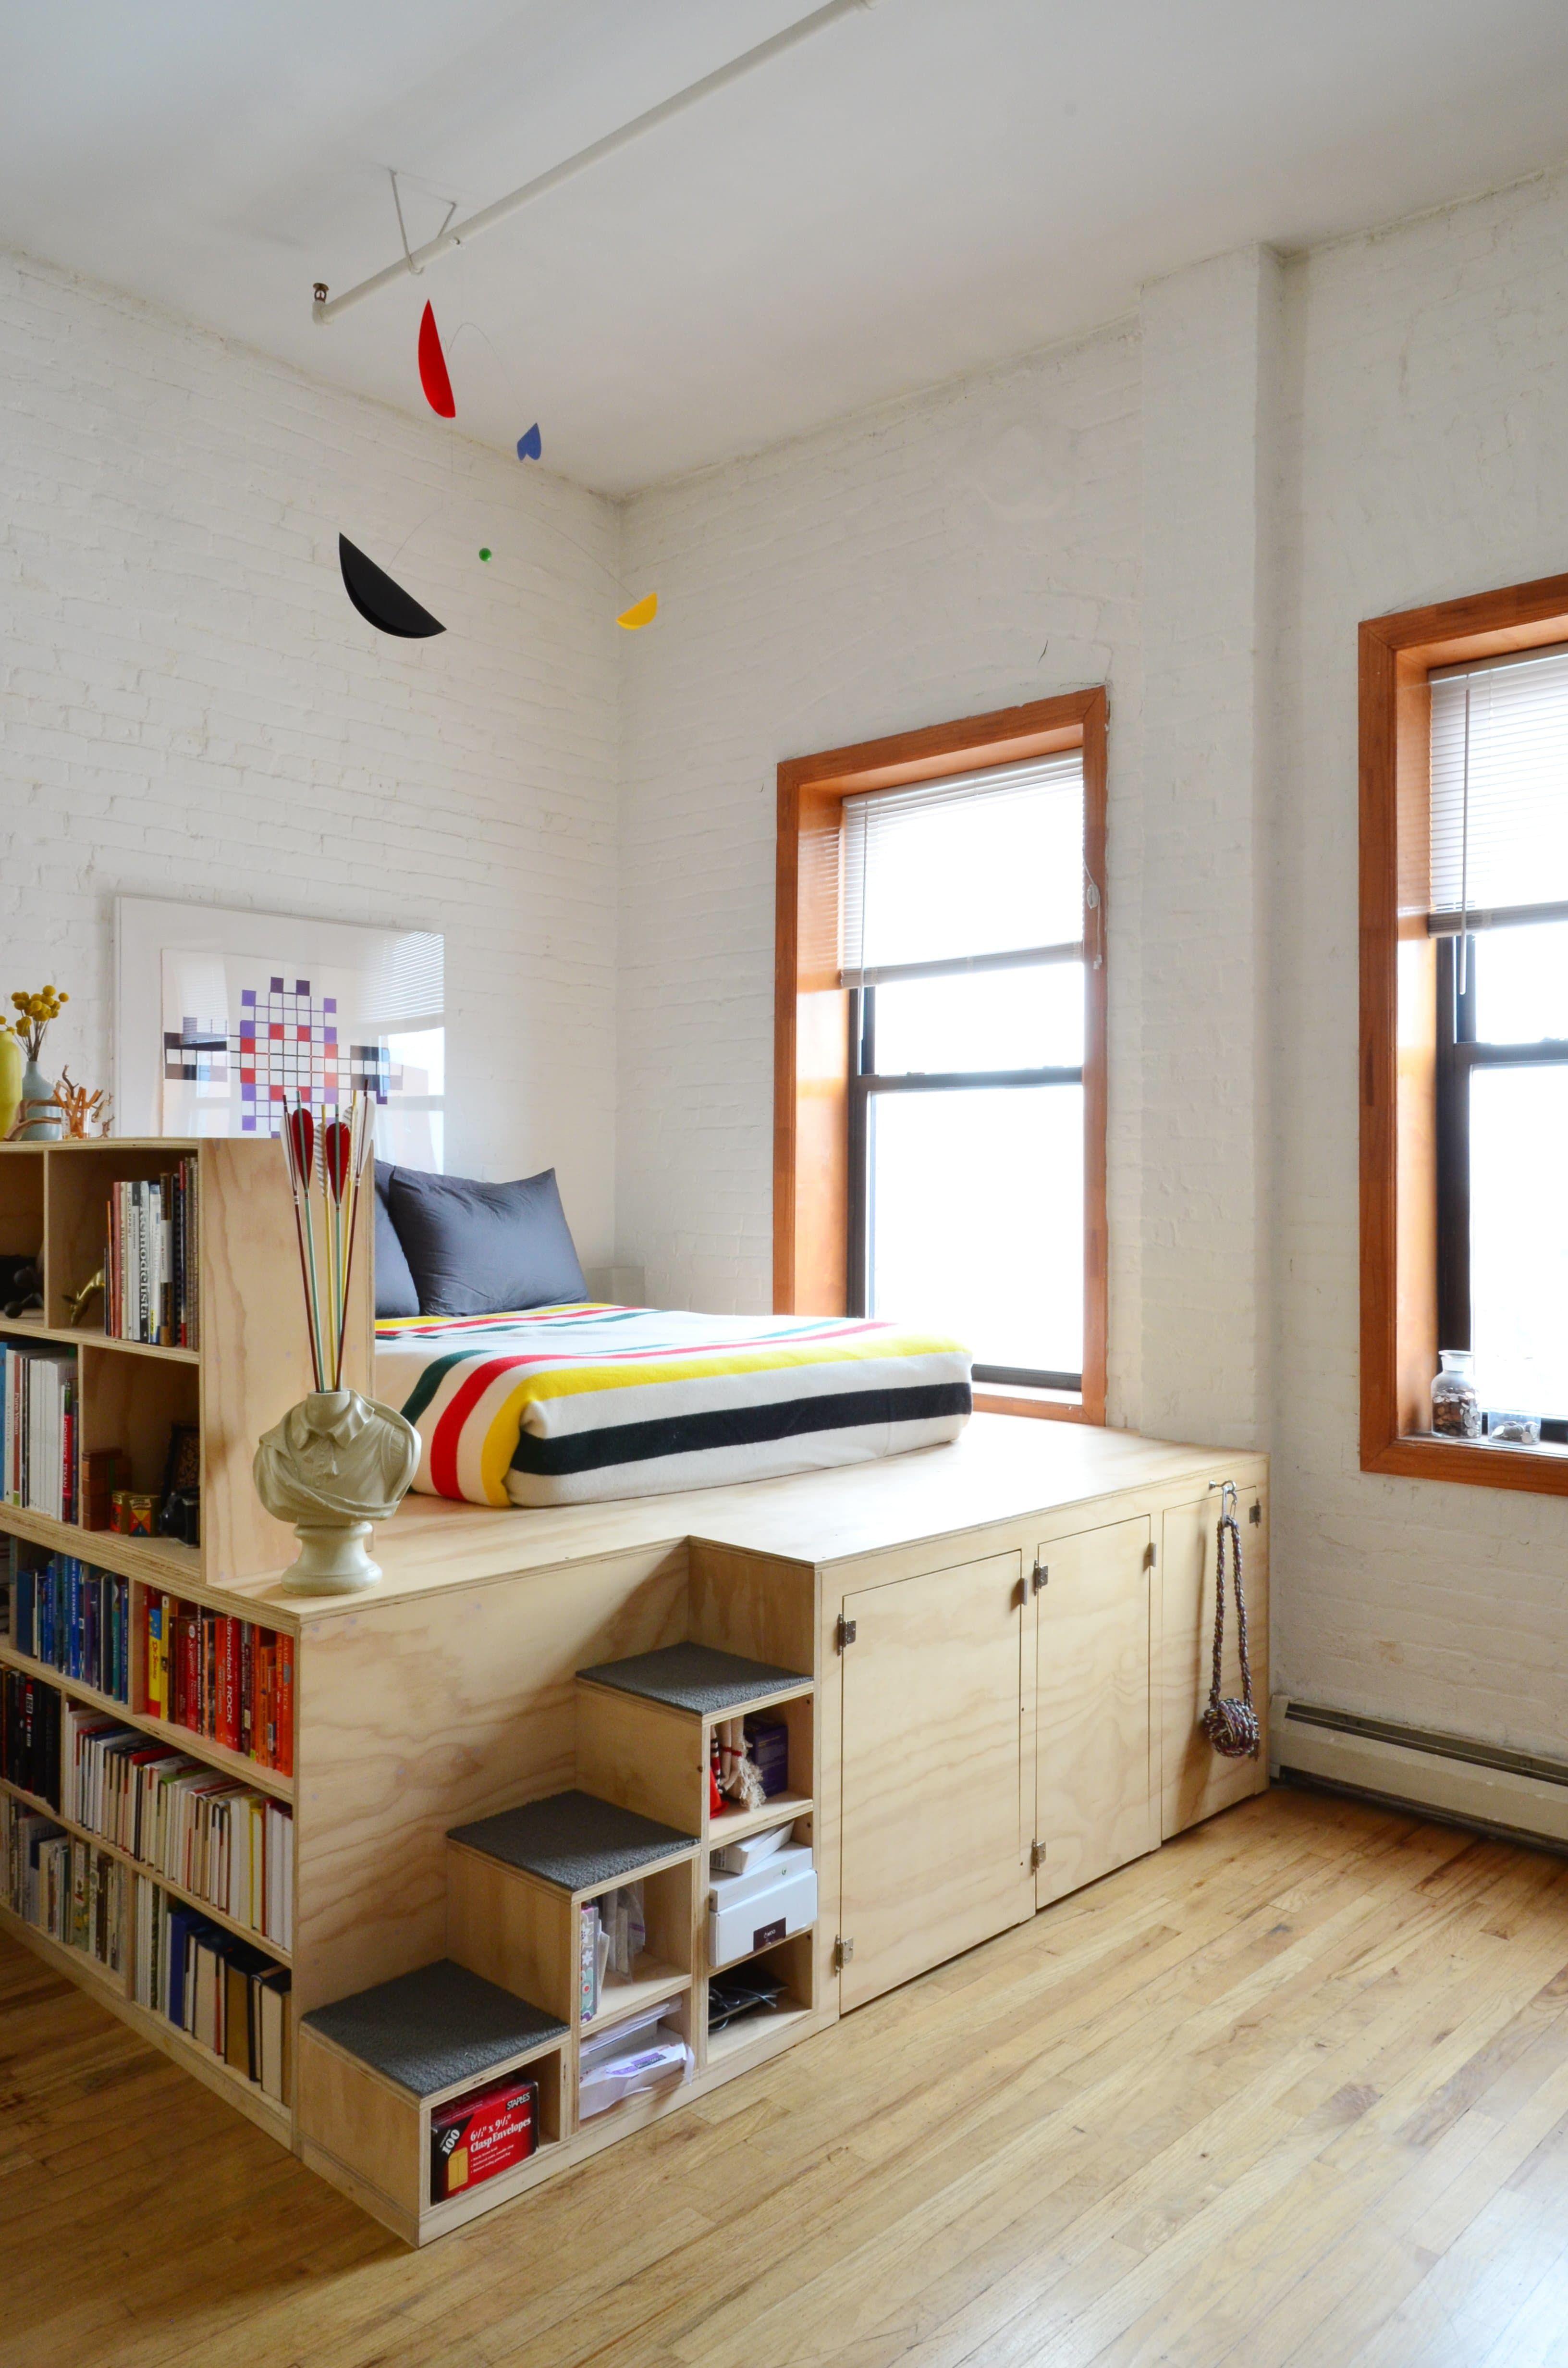 Loft bed underneath ideas  Elevated Loft Bed Hacks  Ugrades  Bed Design  Pinterest  Bedroom